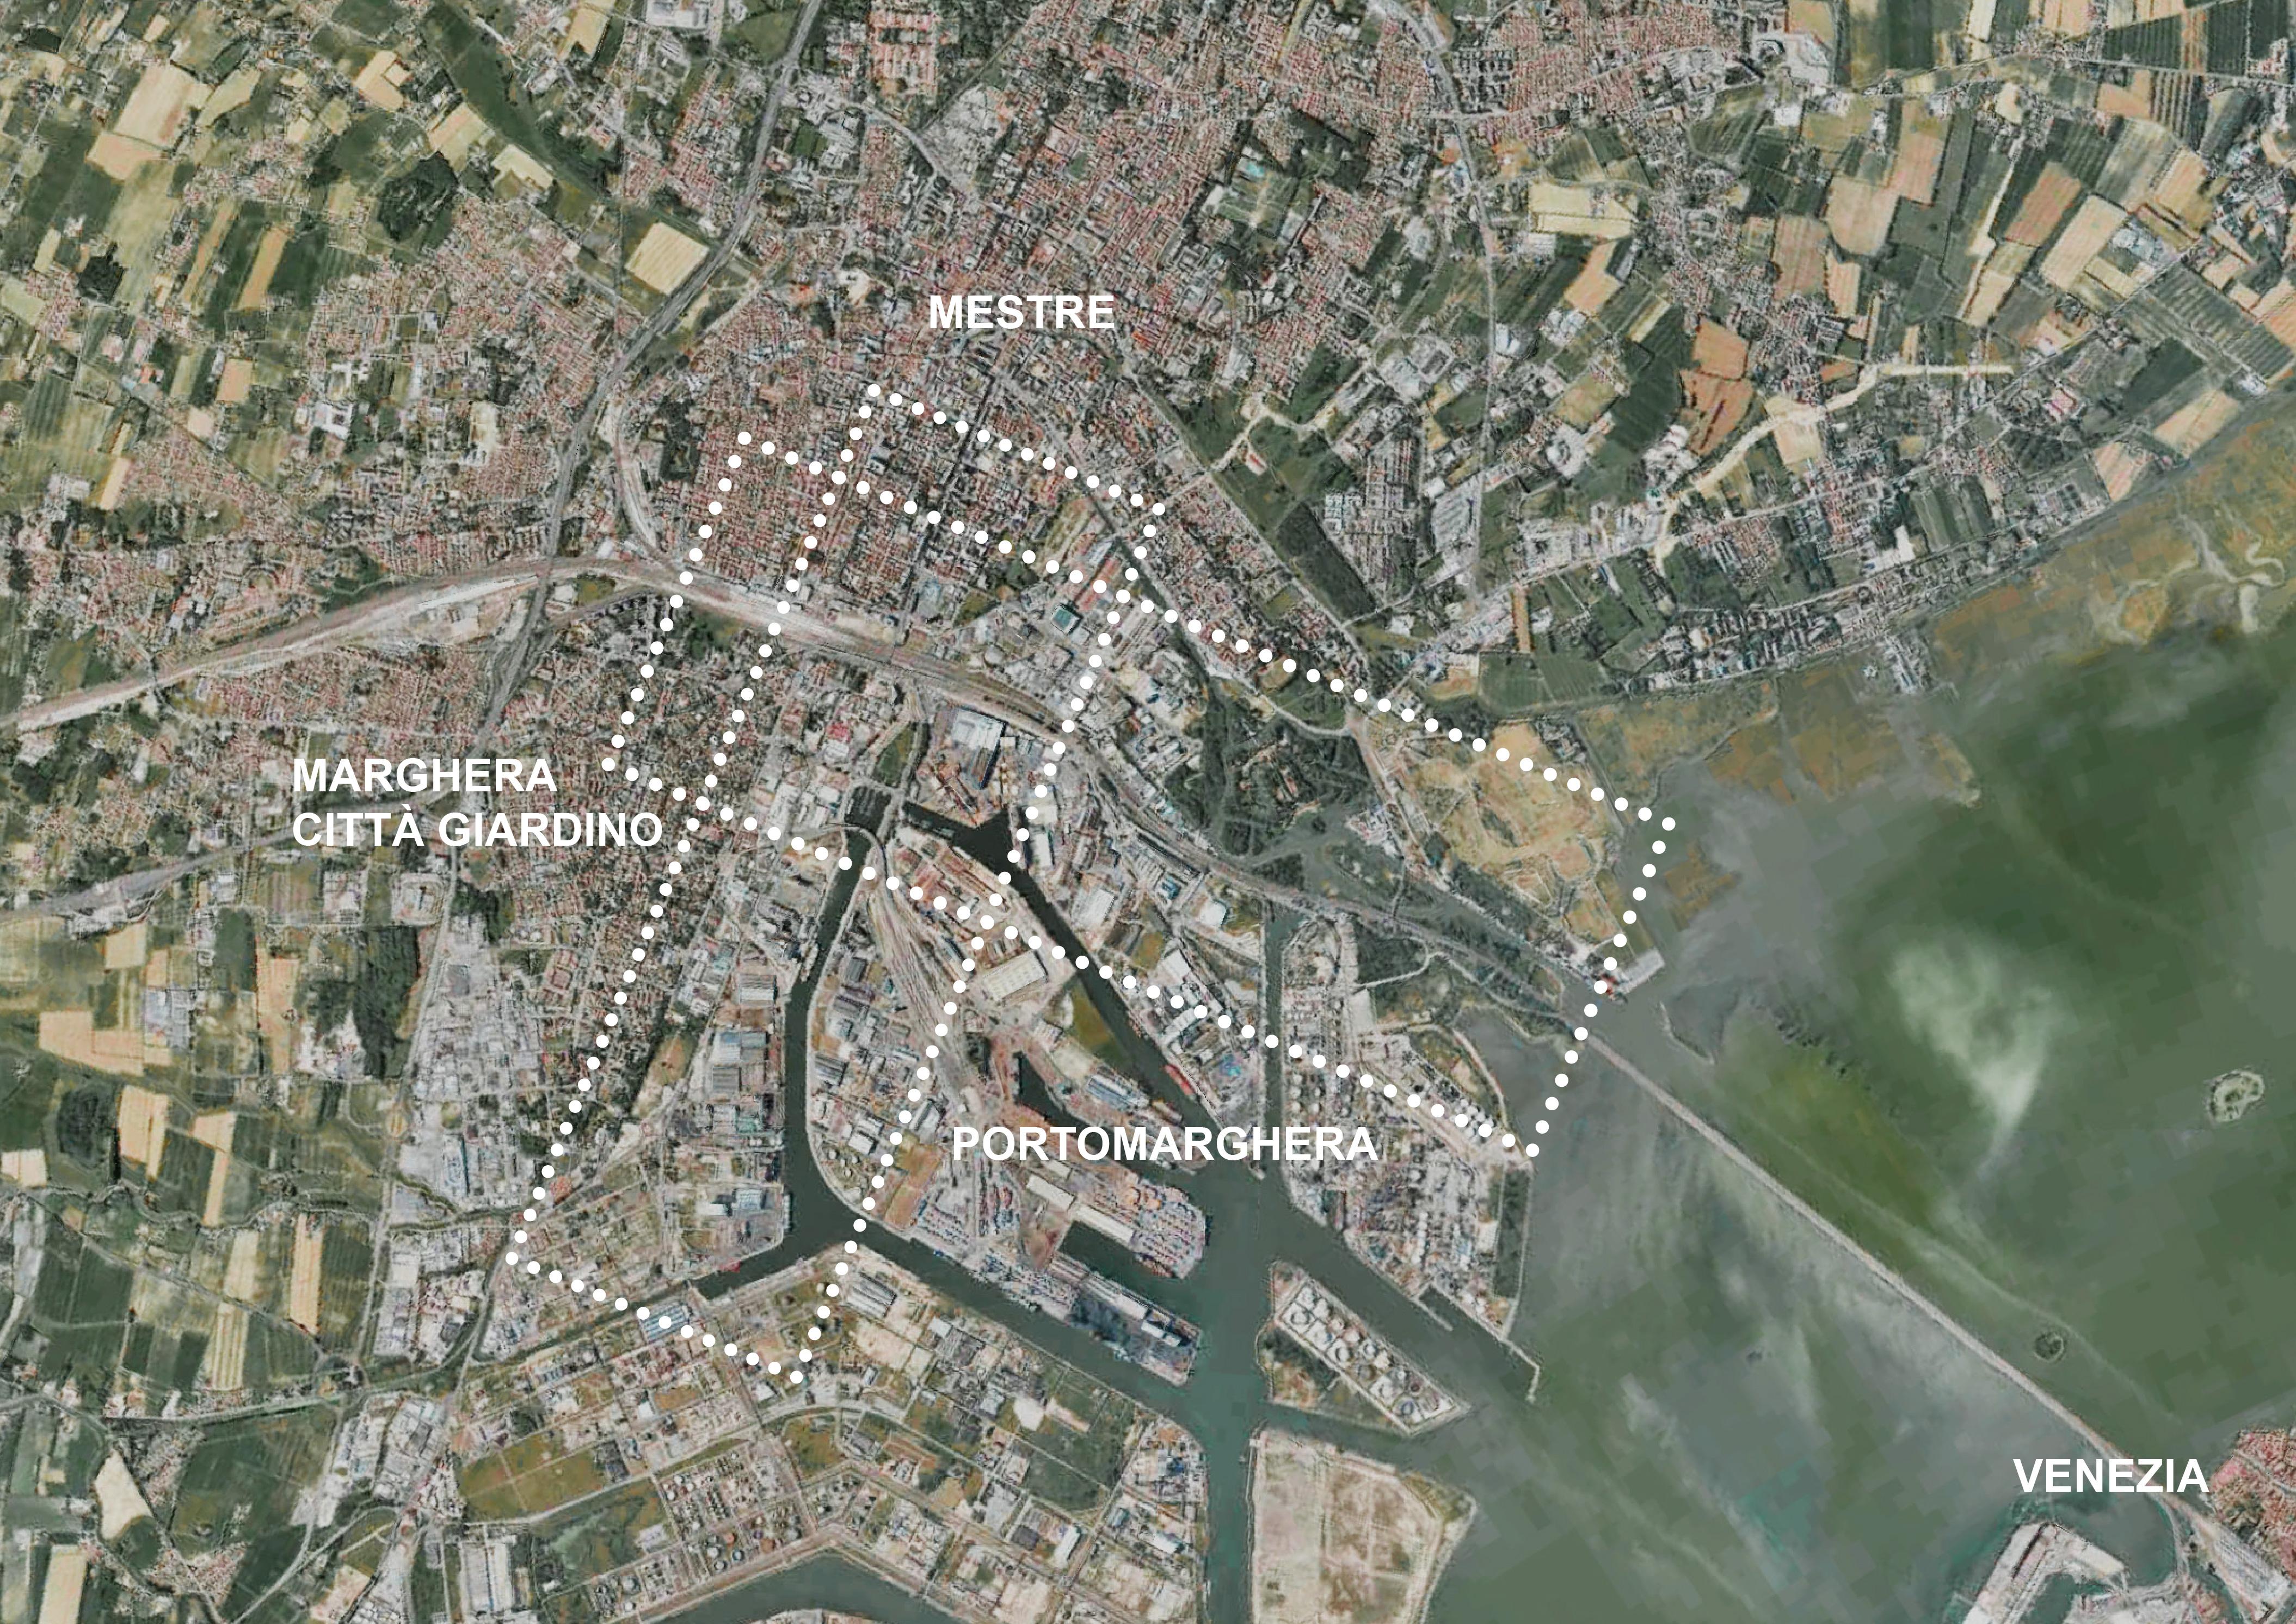 Rigenerazione urbana e innovazione in un territorio in transizione: il caso di Porto Marghera